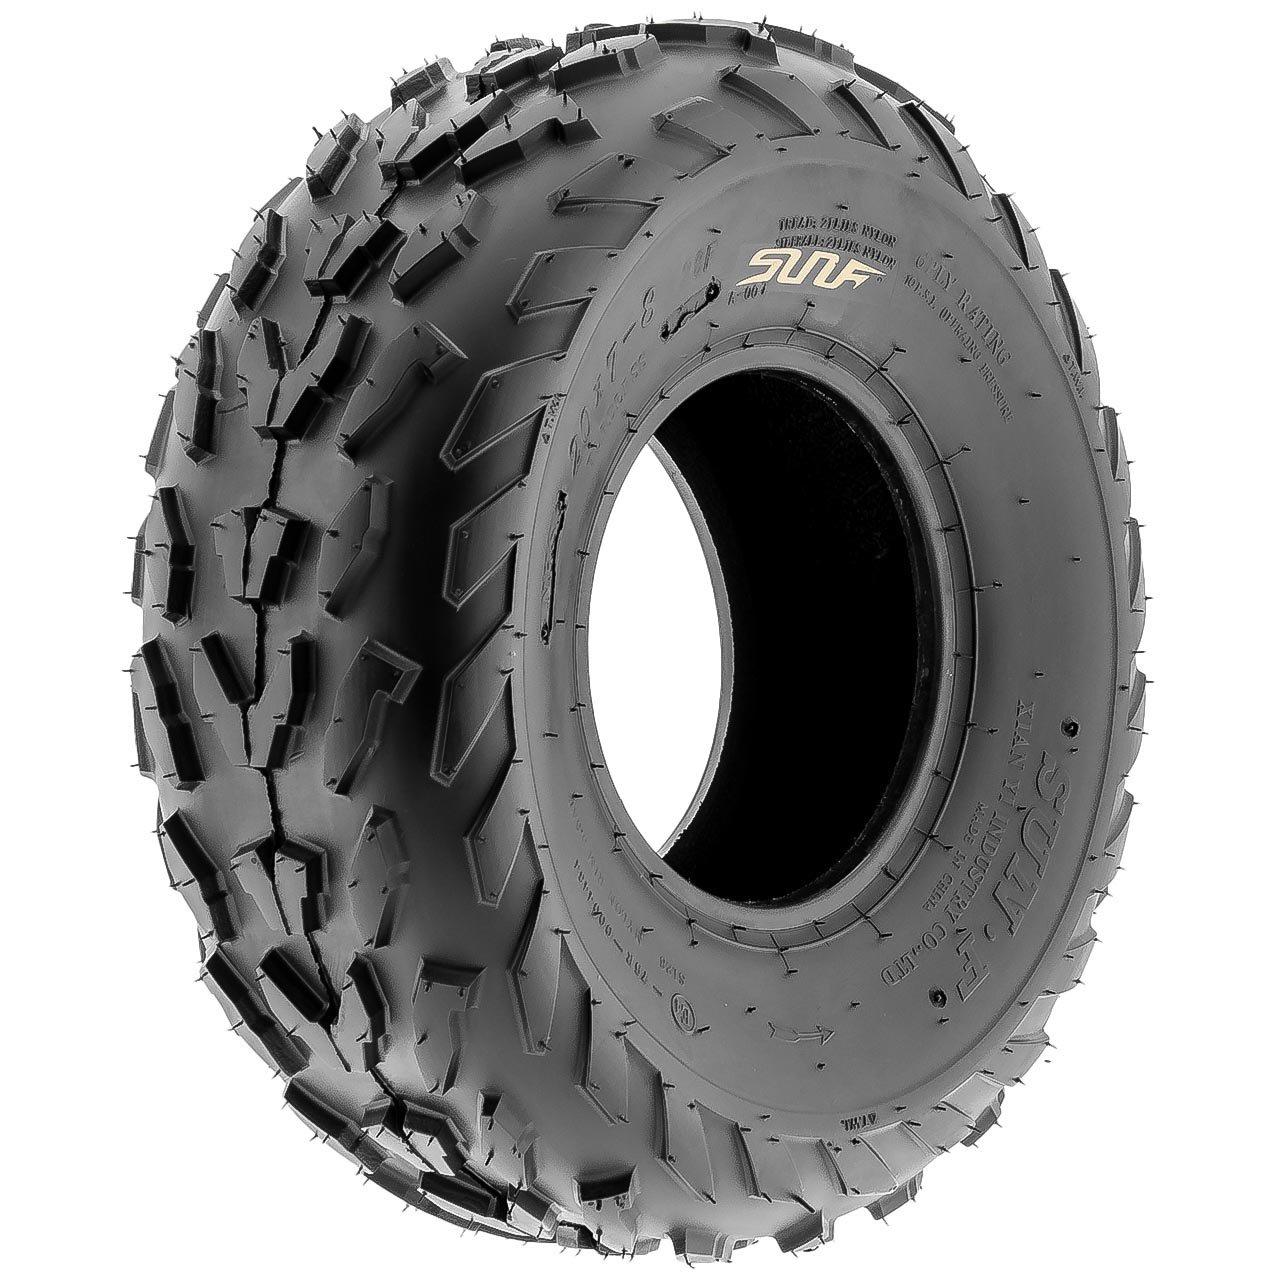 SunF A007 ATV UTV Sport Tire 20x7-8,6 PR, Directional Knobby Tread